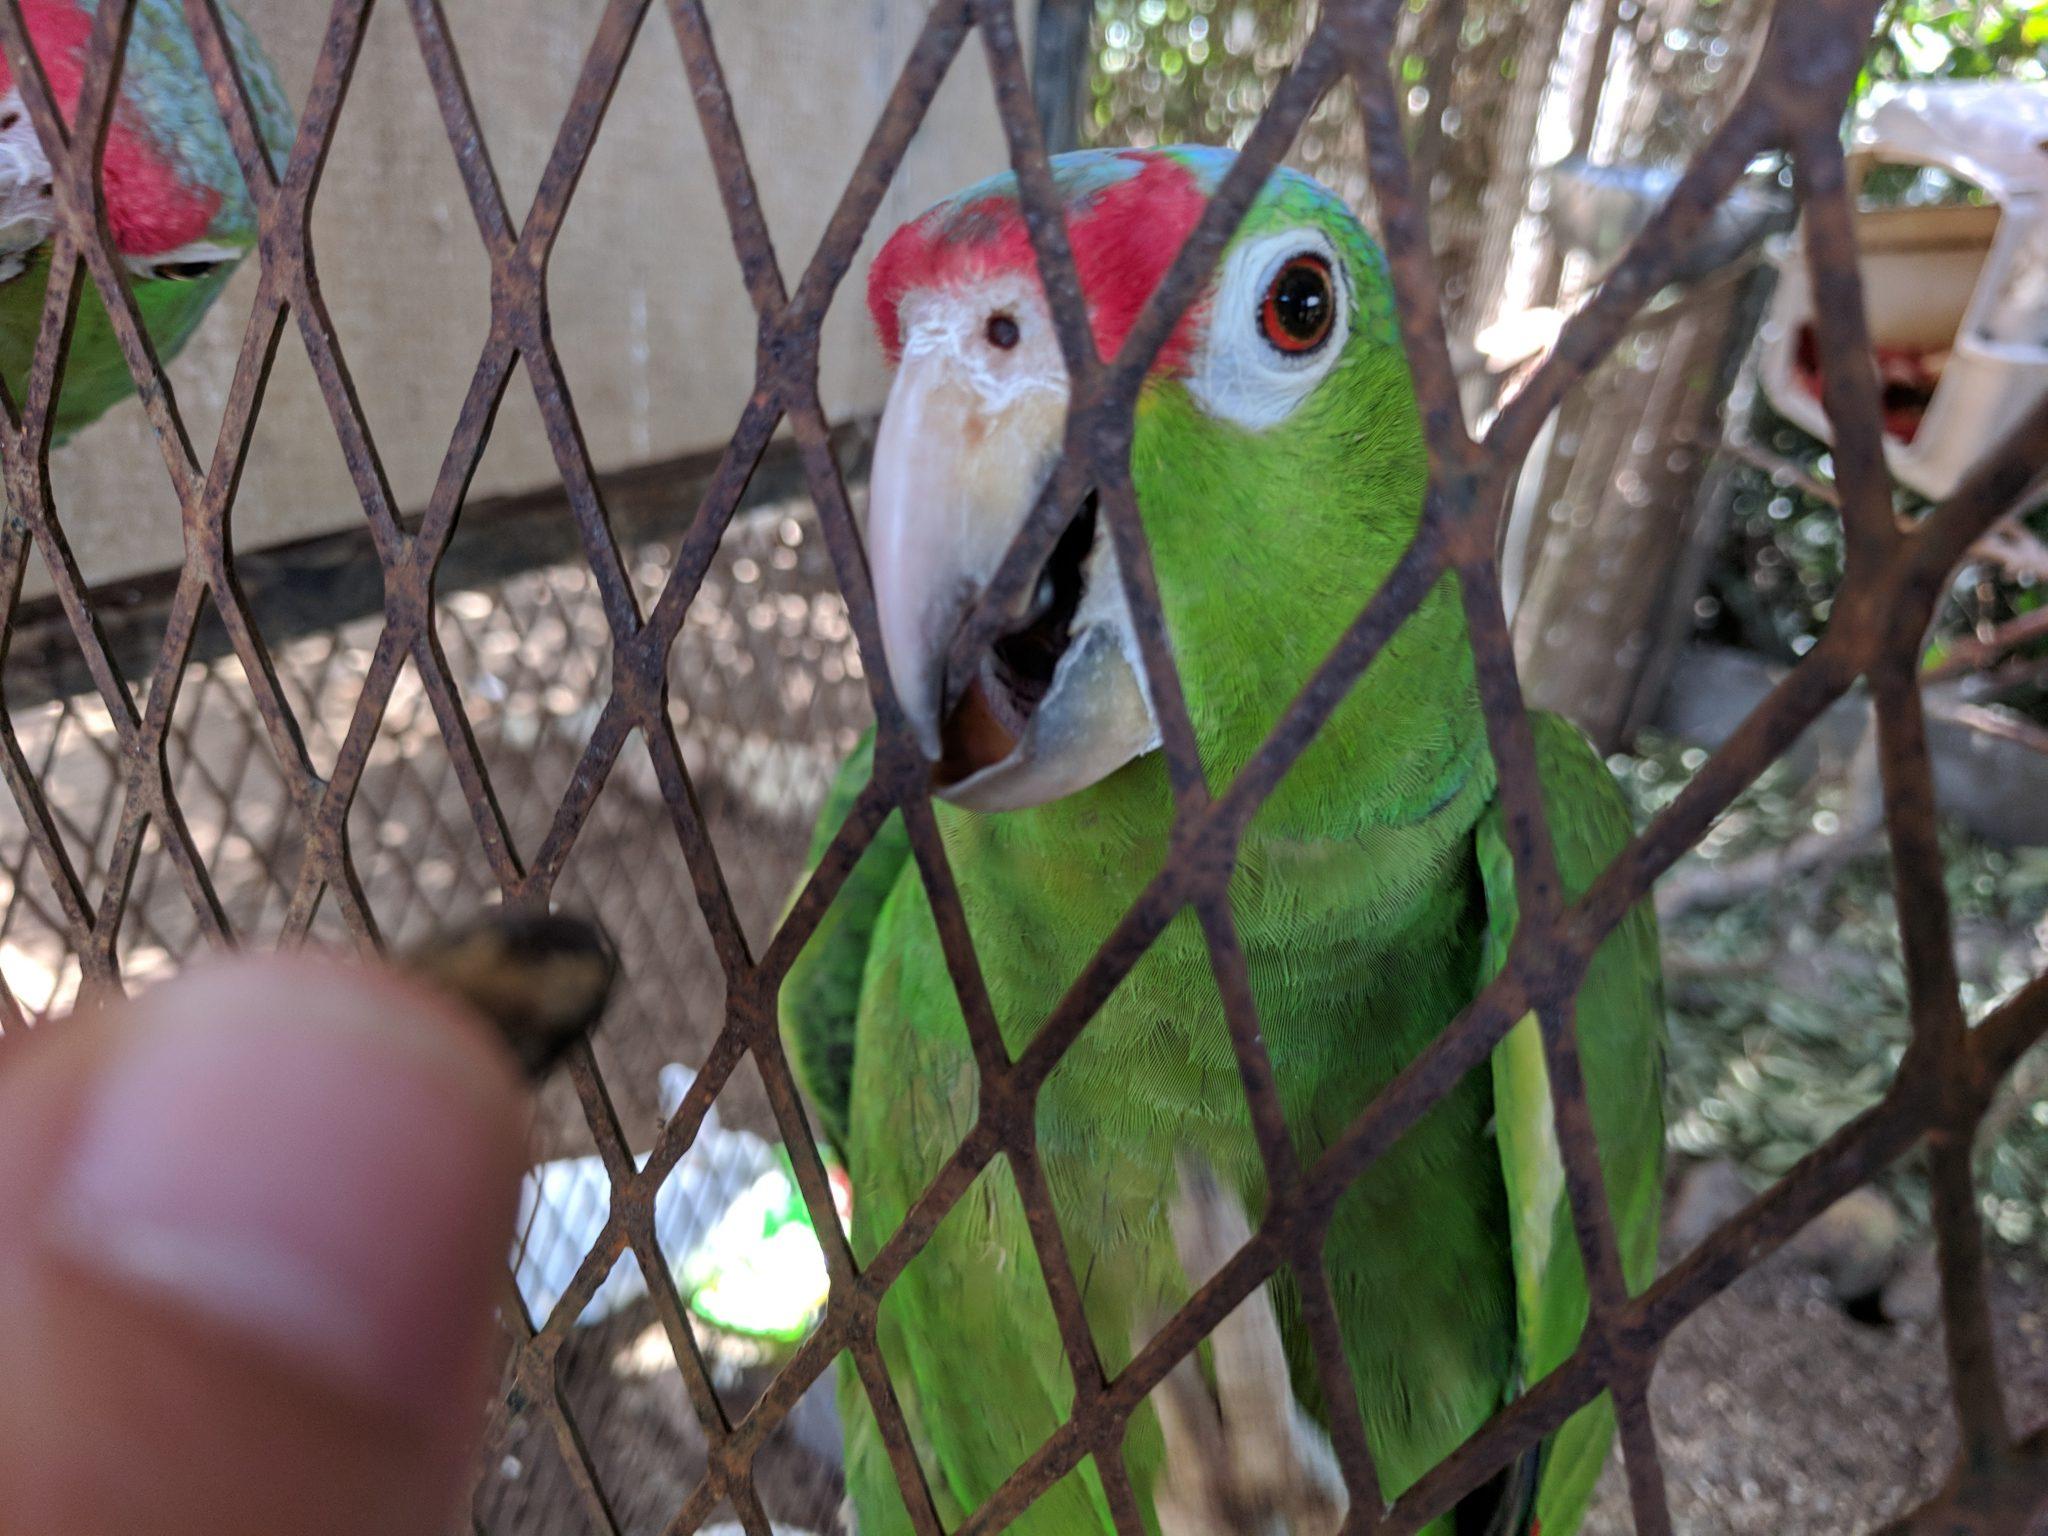 Feeding some parakeets